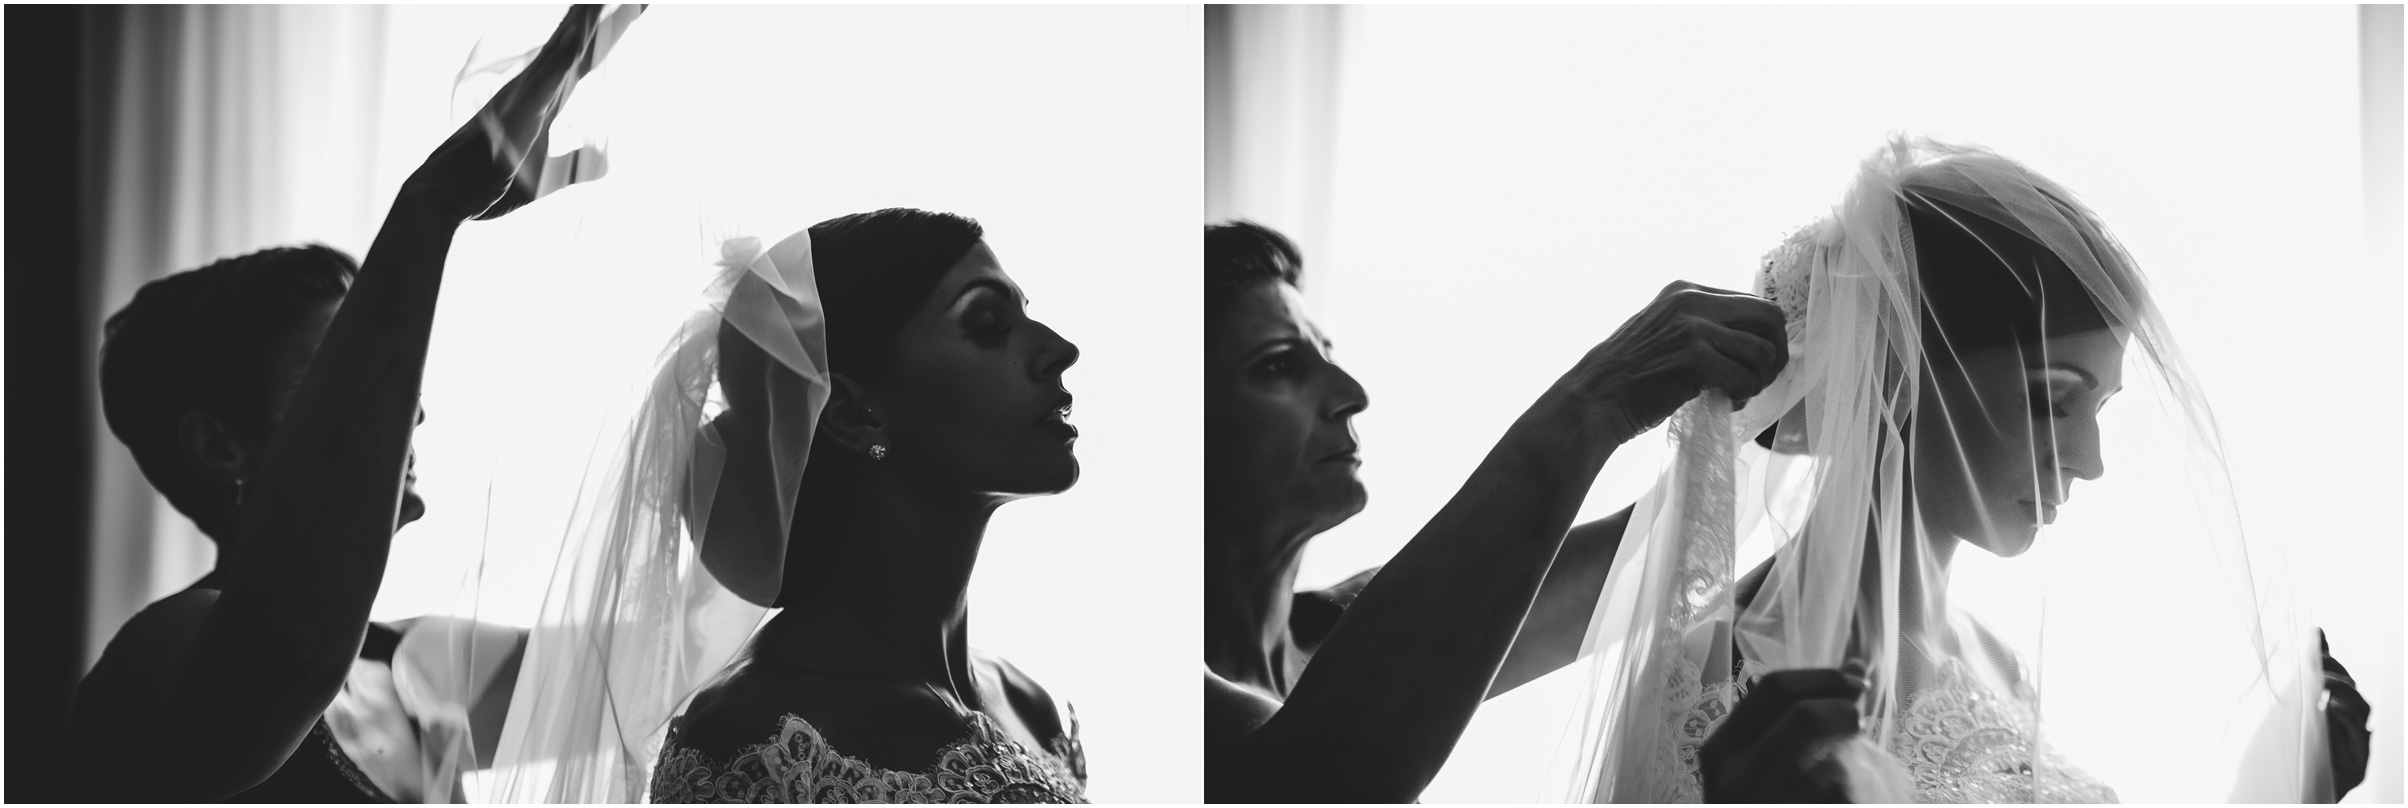 WEDDING-PHOTOGRAPHY-SARA-LORENZONI-FOTOGRAFIA-MATRIMONIO-AREZZO-TUSCANY-EVENTO-LE-SPOSE-DI-GIANNI-ELISA-LUCA012